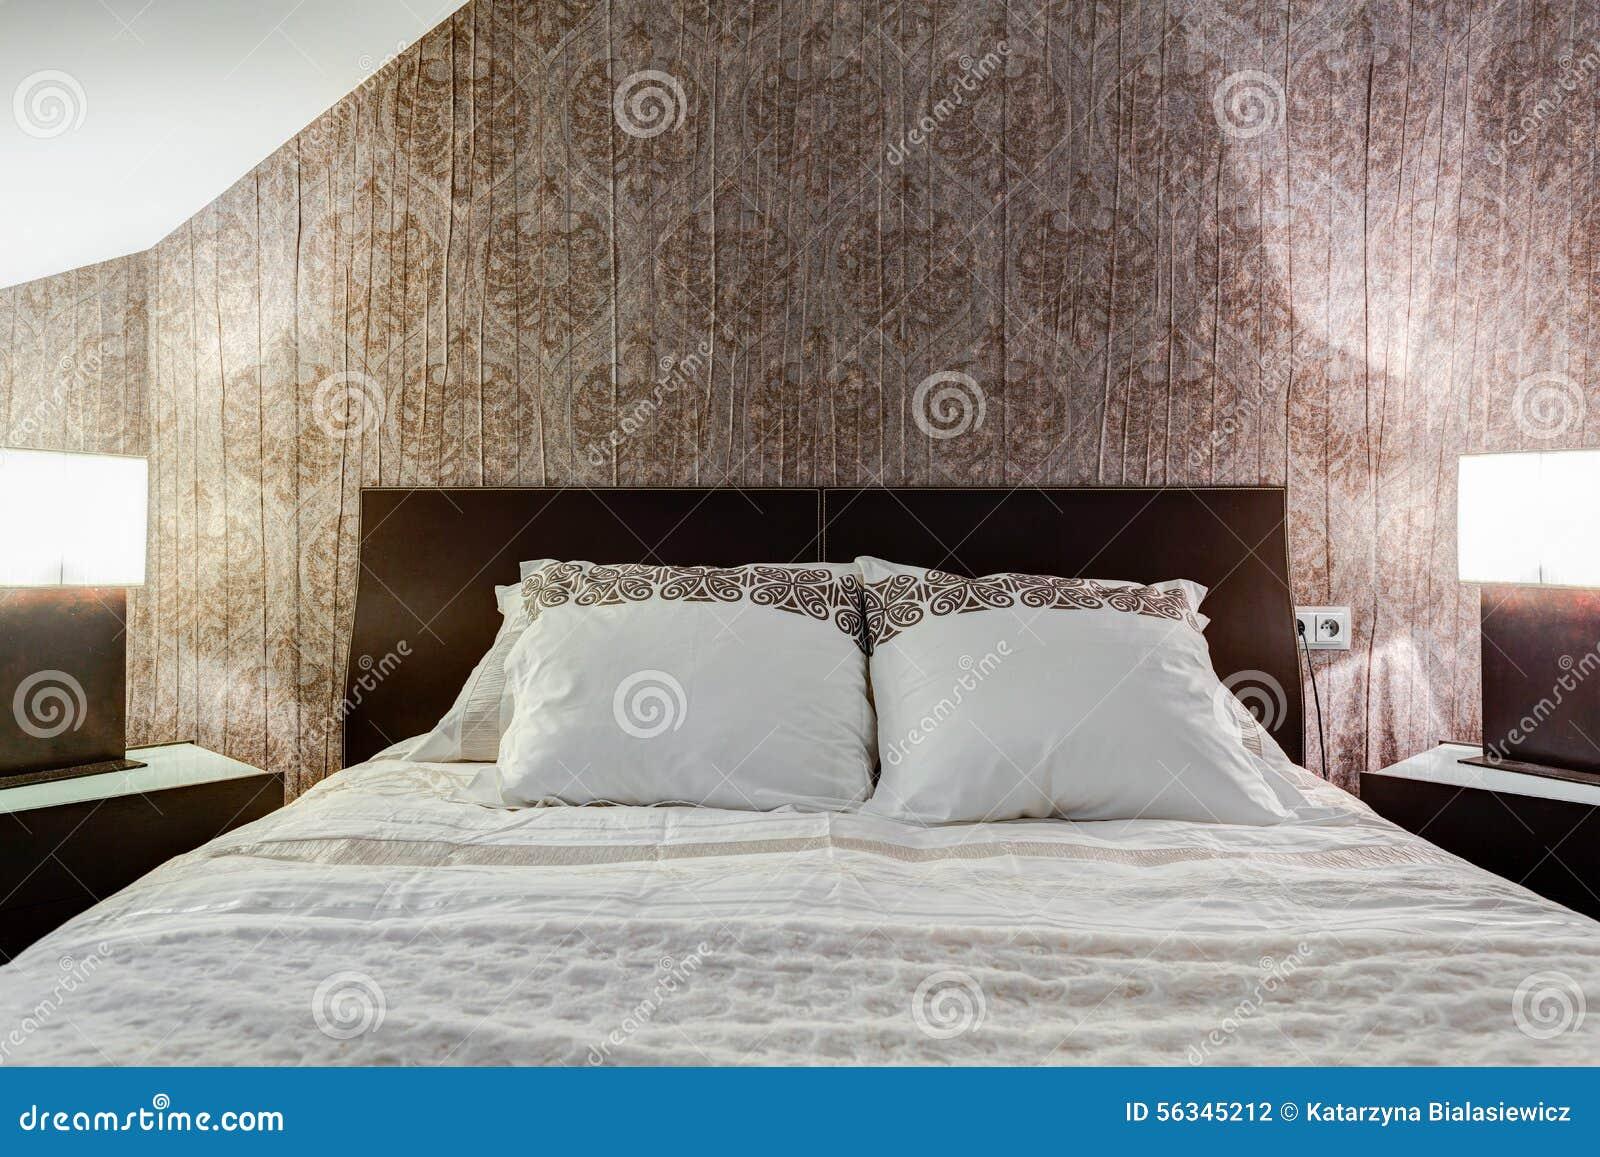 Design Behang Slaapkamer : Bruin behang in elegante slaapkamer stock foto afbeelding